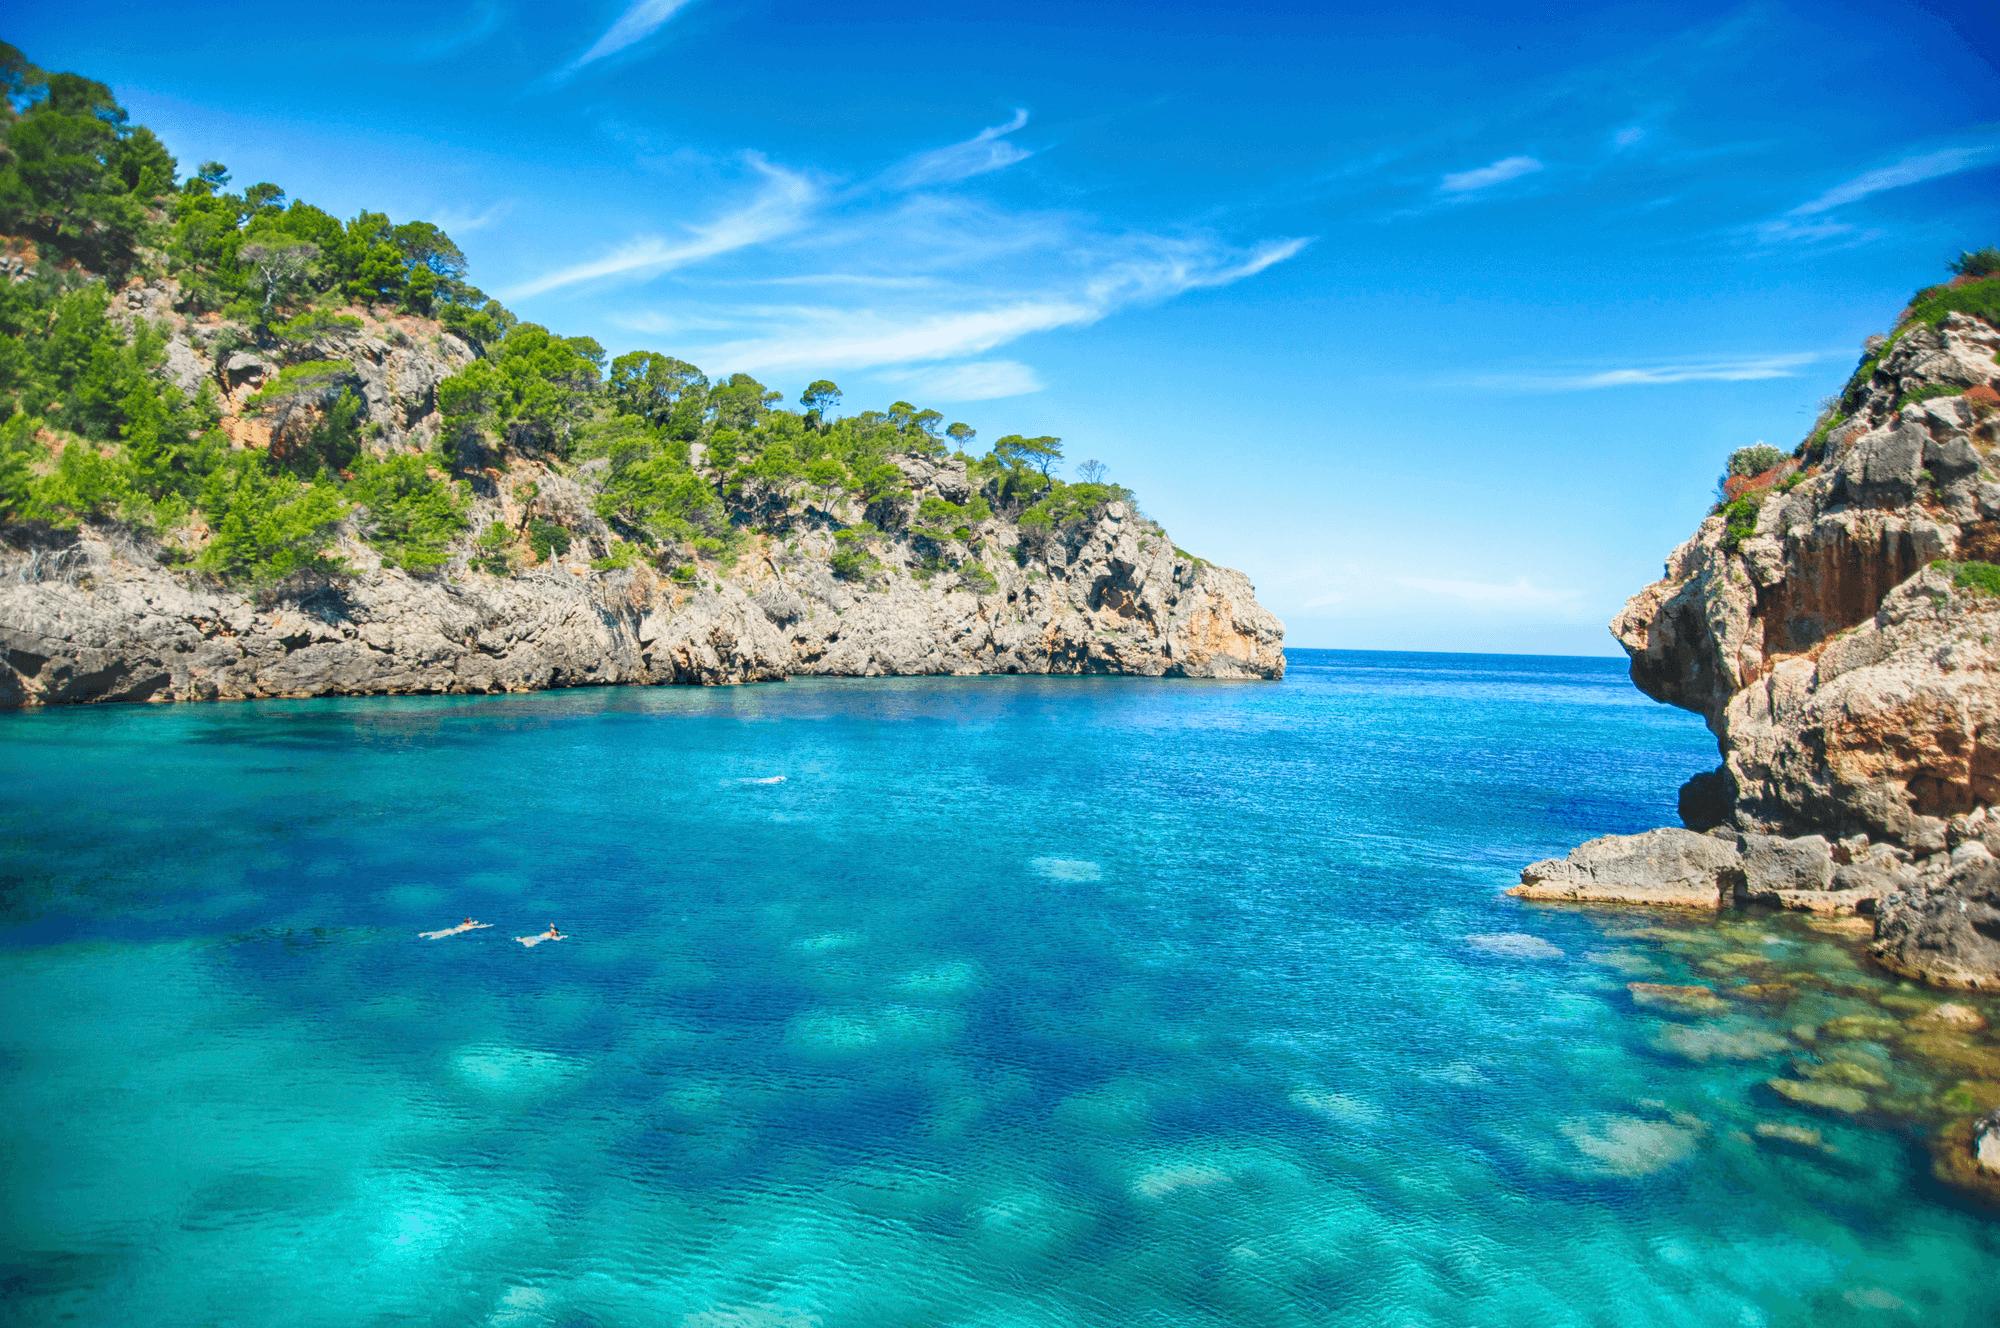 Der Osten Mallorcas bietet eine interessante Küstenlinie mit zahlreichen Buchten